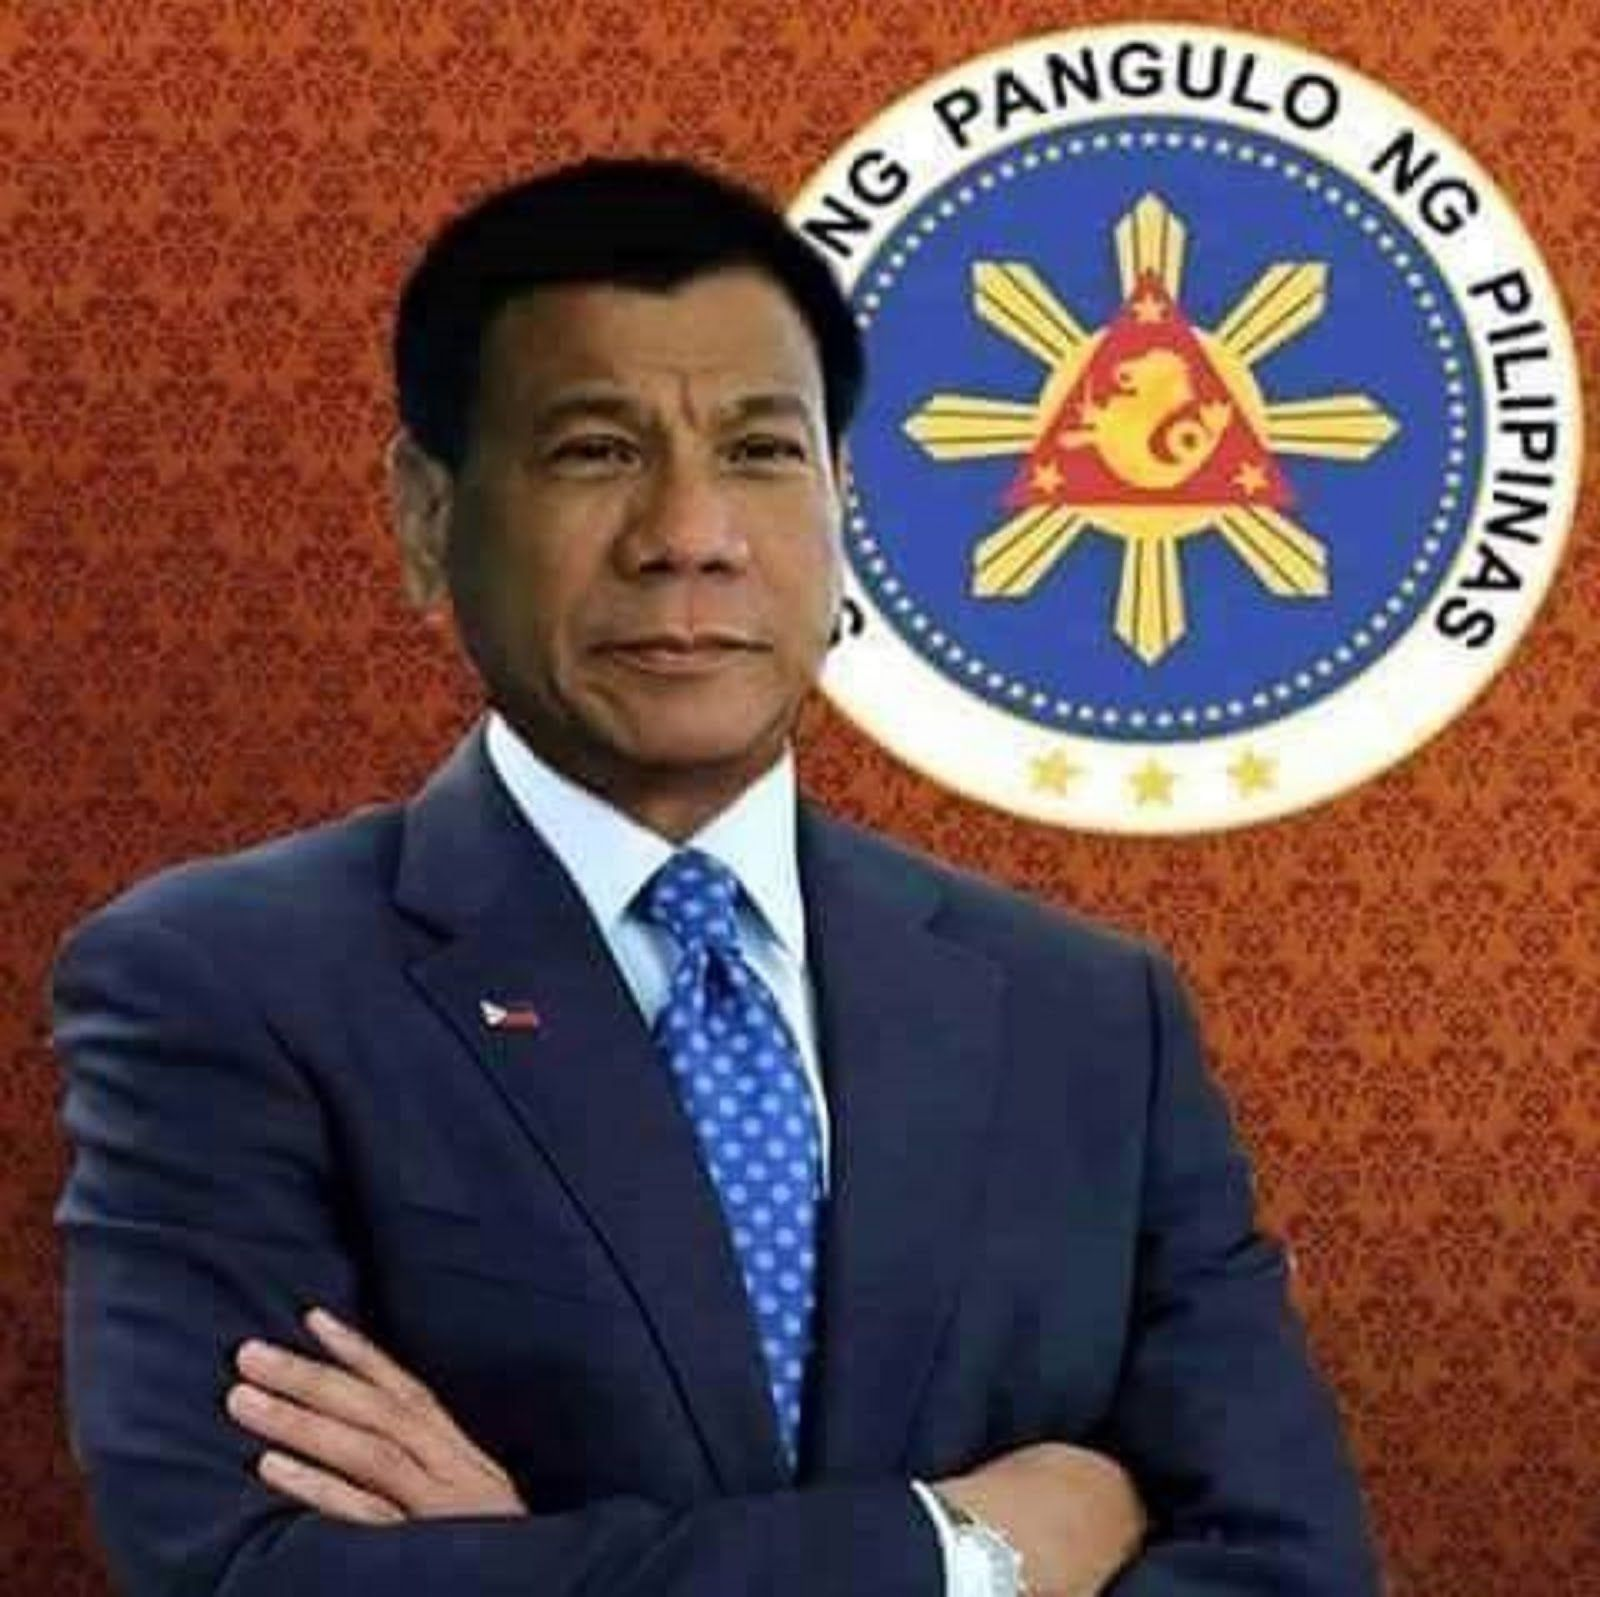 Rodrigo Roa Duterte Political Career Classroom Bulletin Boards Elementary Classroom Bulletin Boards Bulletin Boards